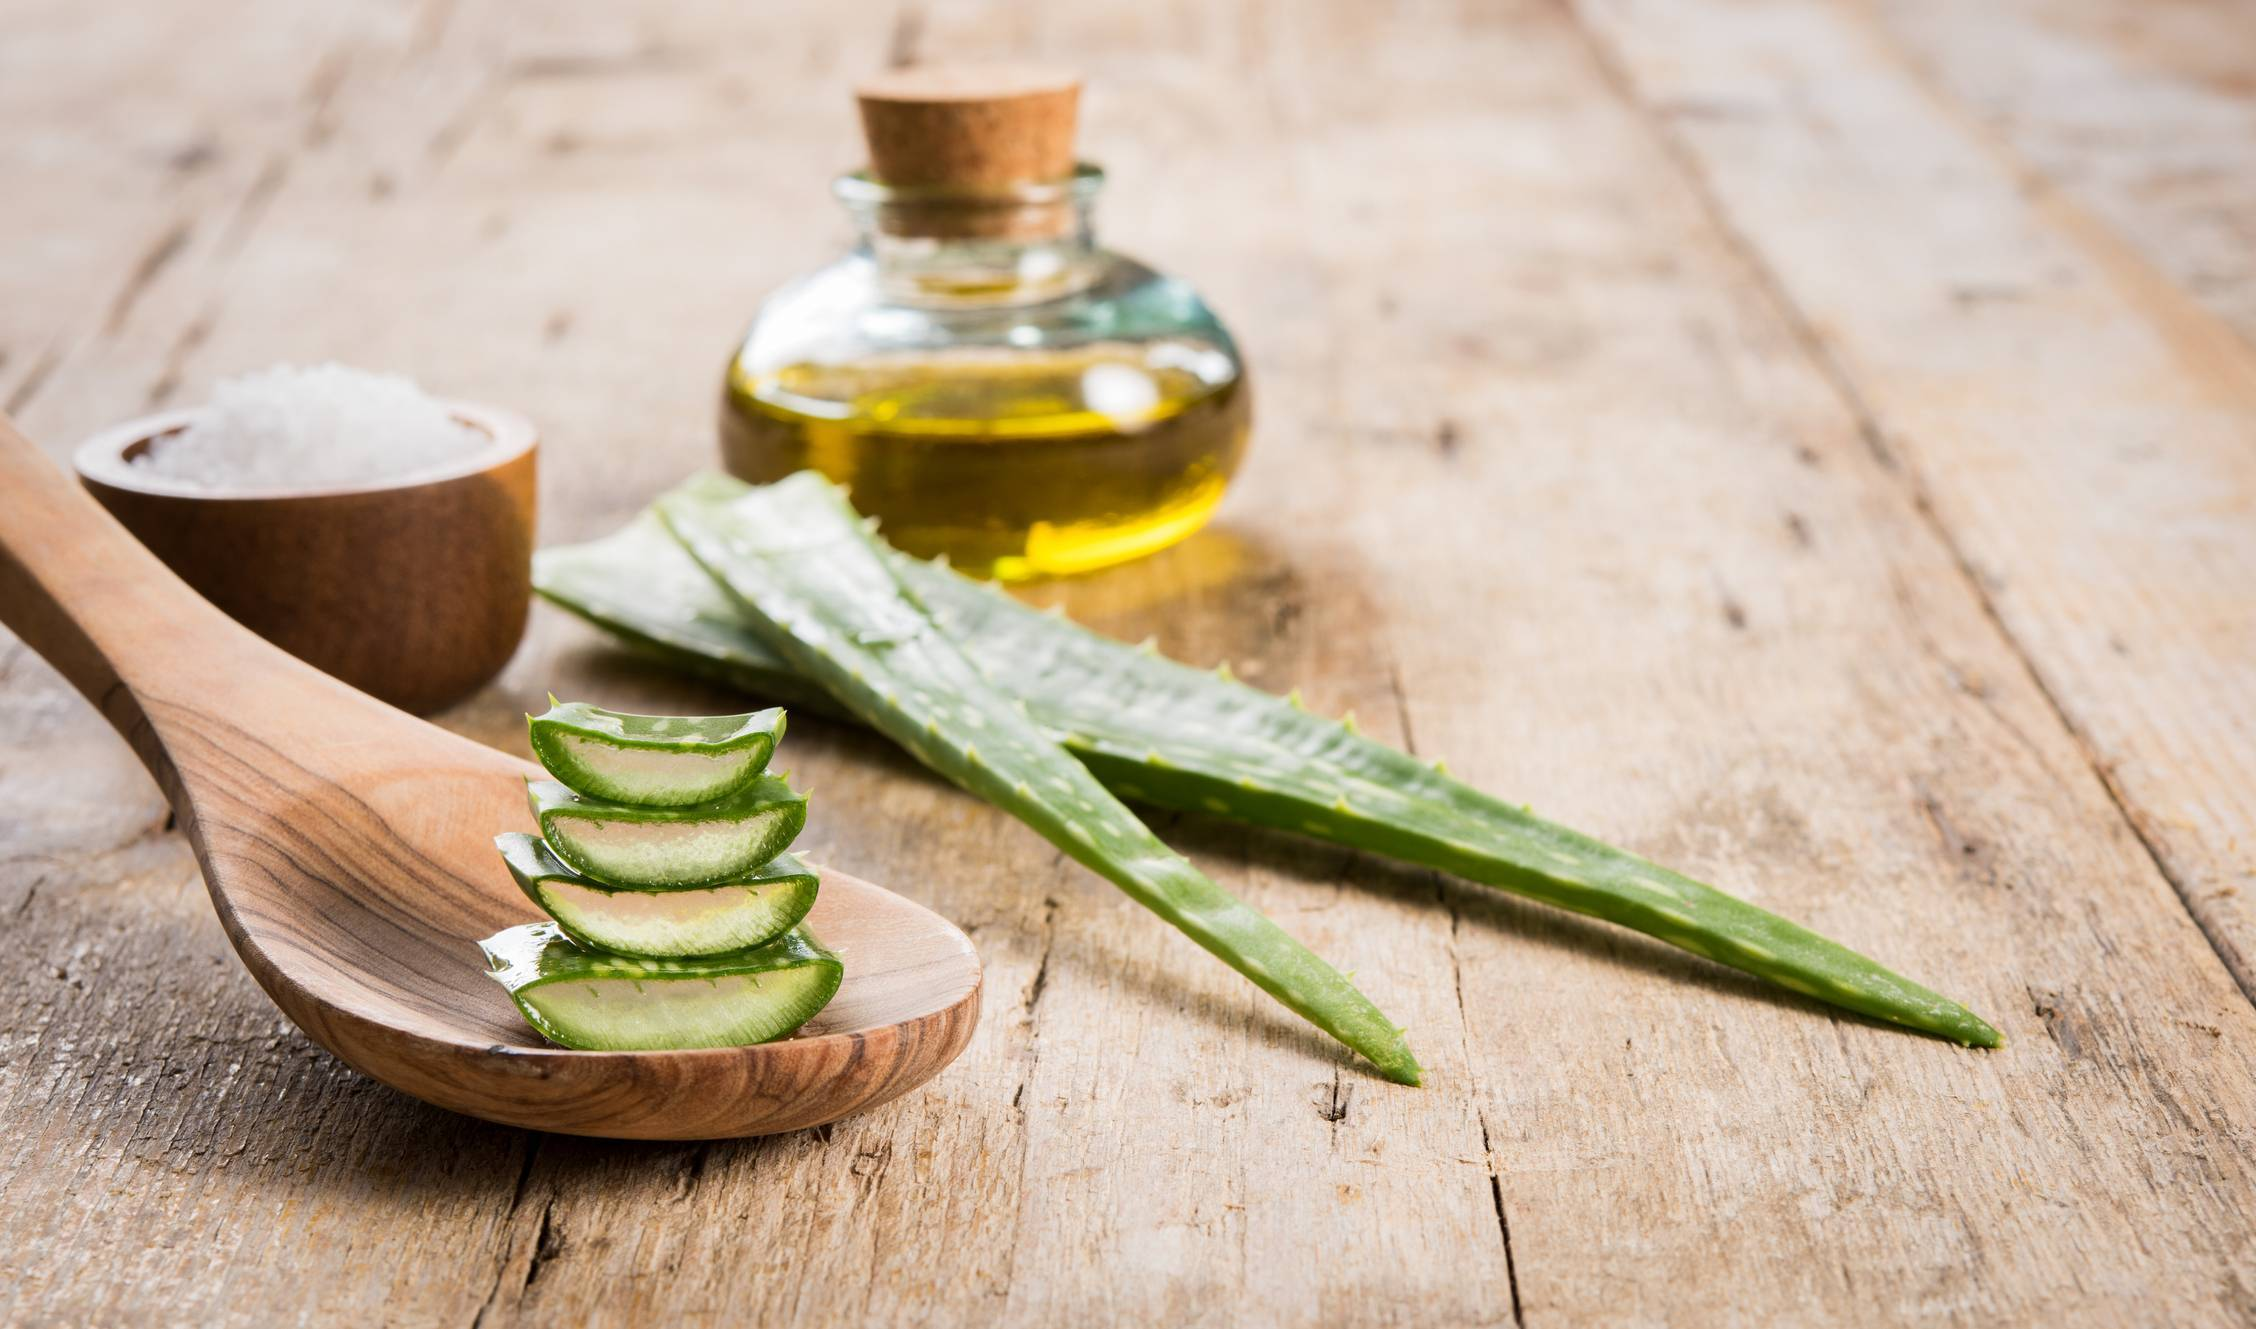 l'aloe vera pour une hydratation intense de votre peau